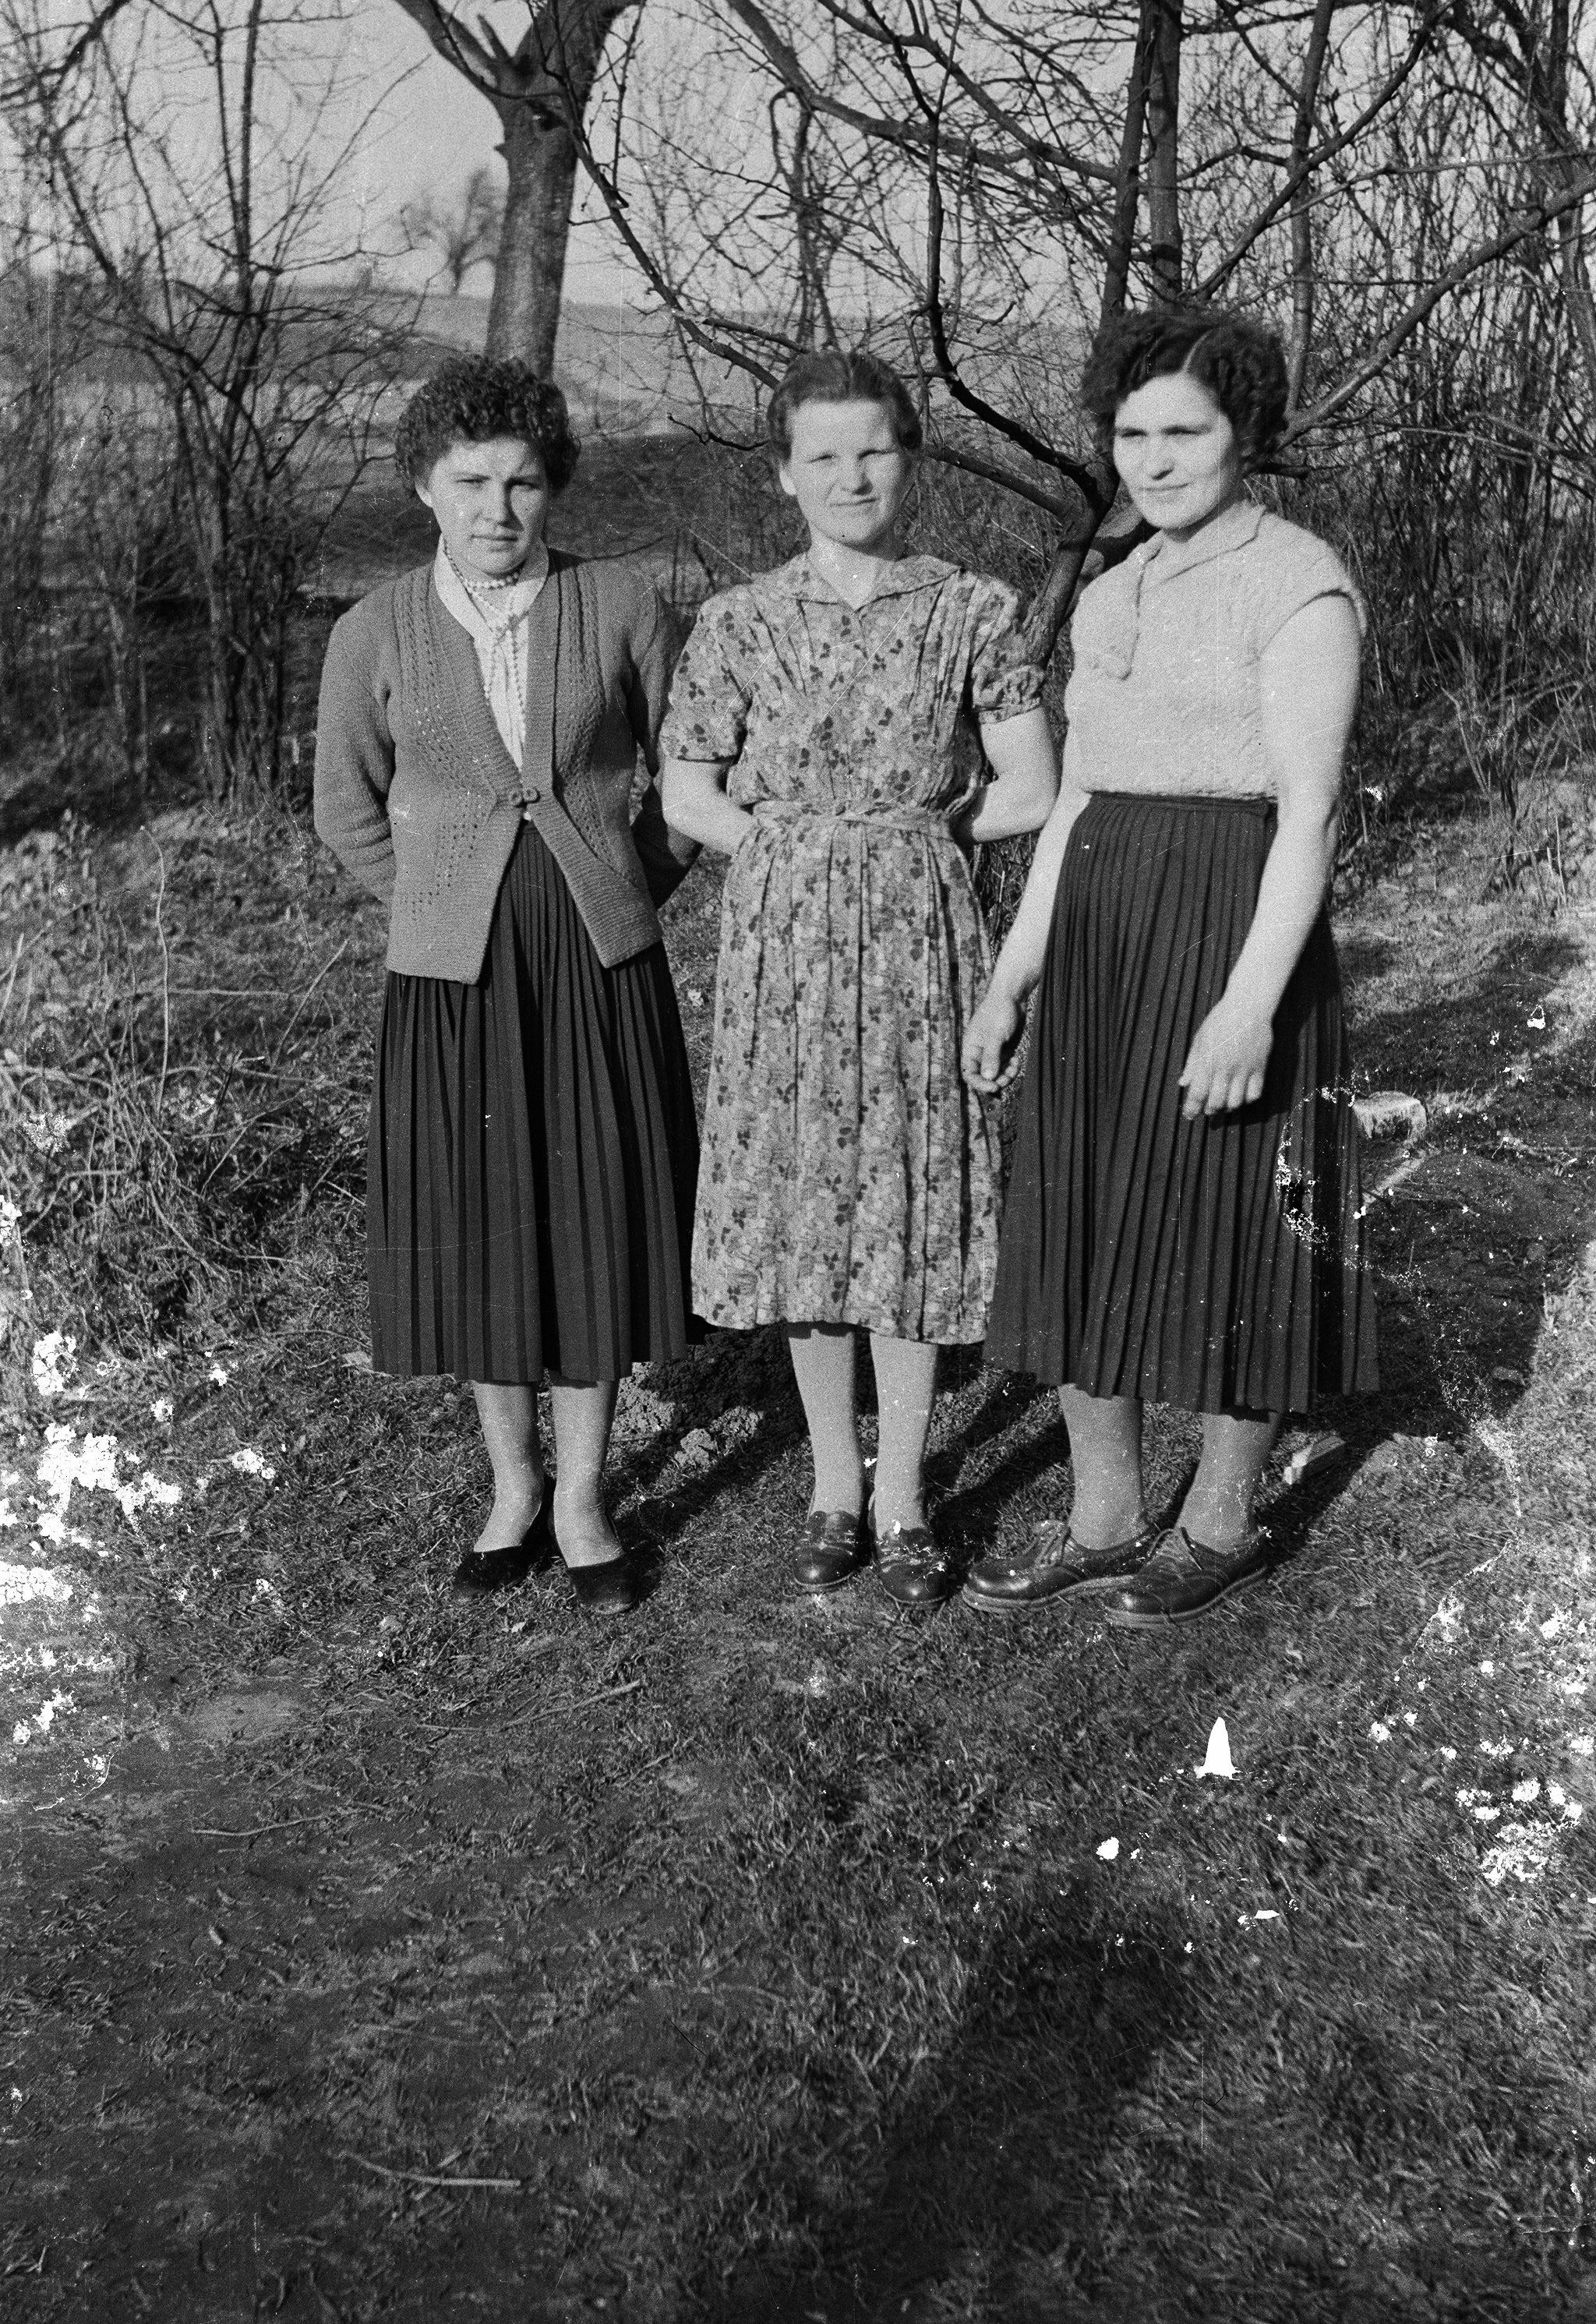 Kobiety z rodziny Wernickich, Stryjno, Dolny Śląsk, lata 50. XX w.